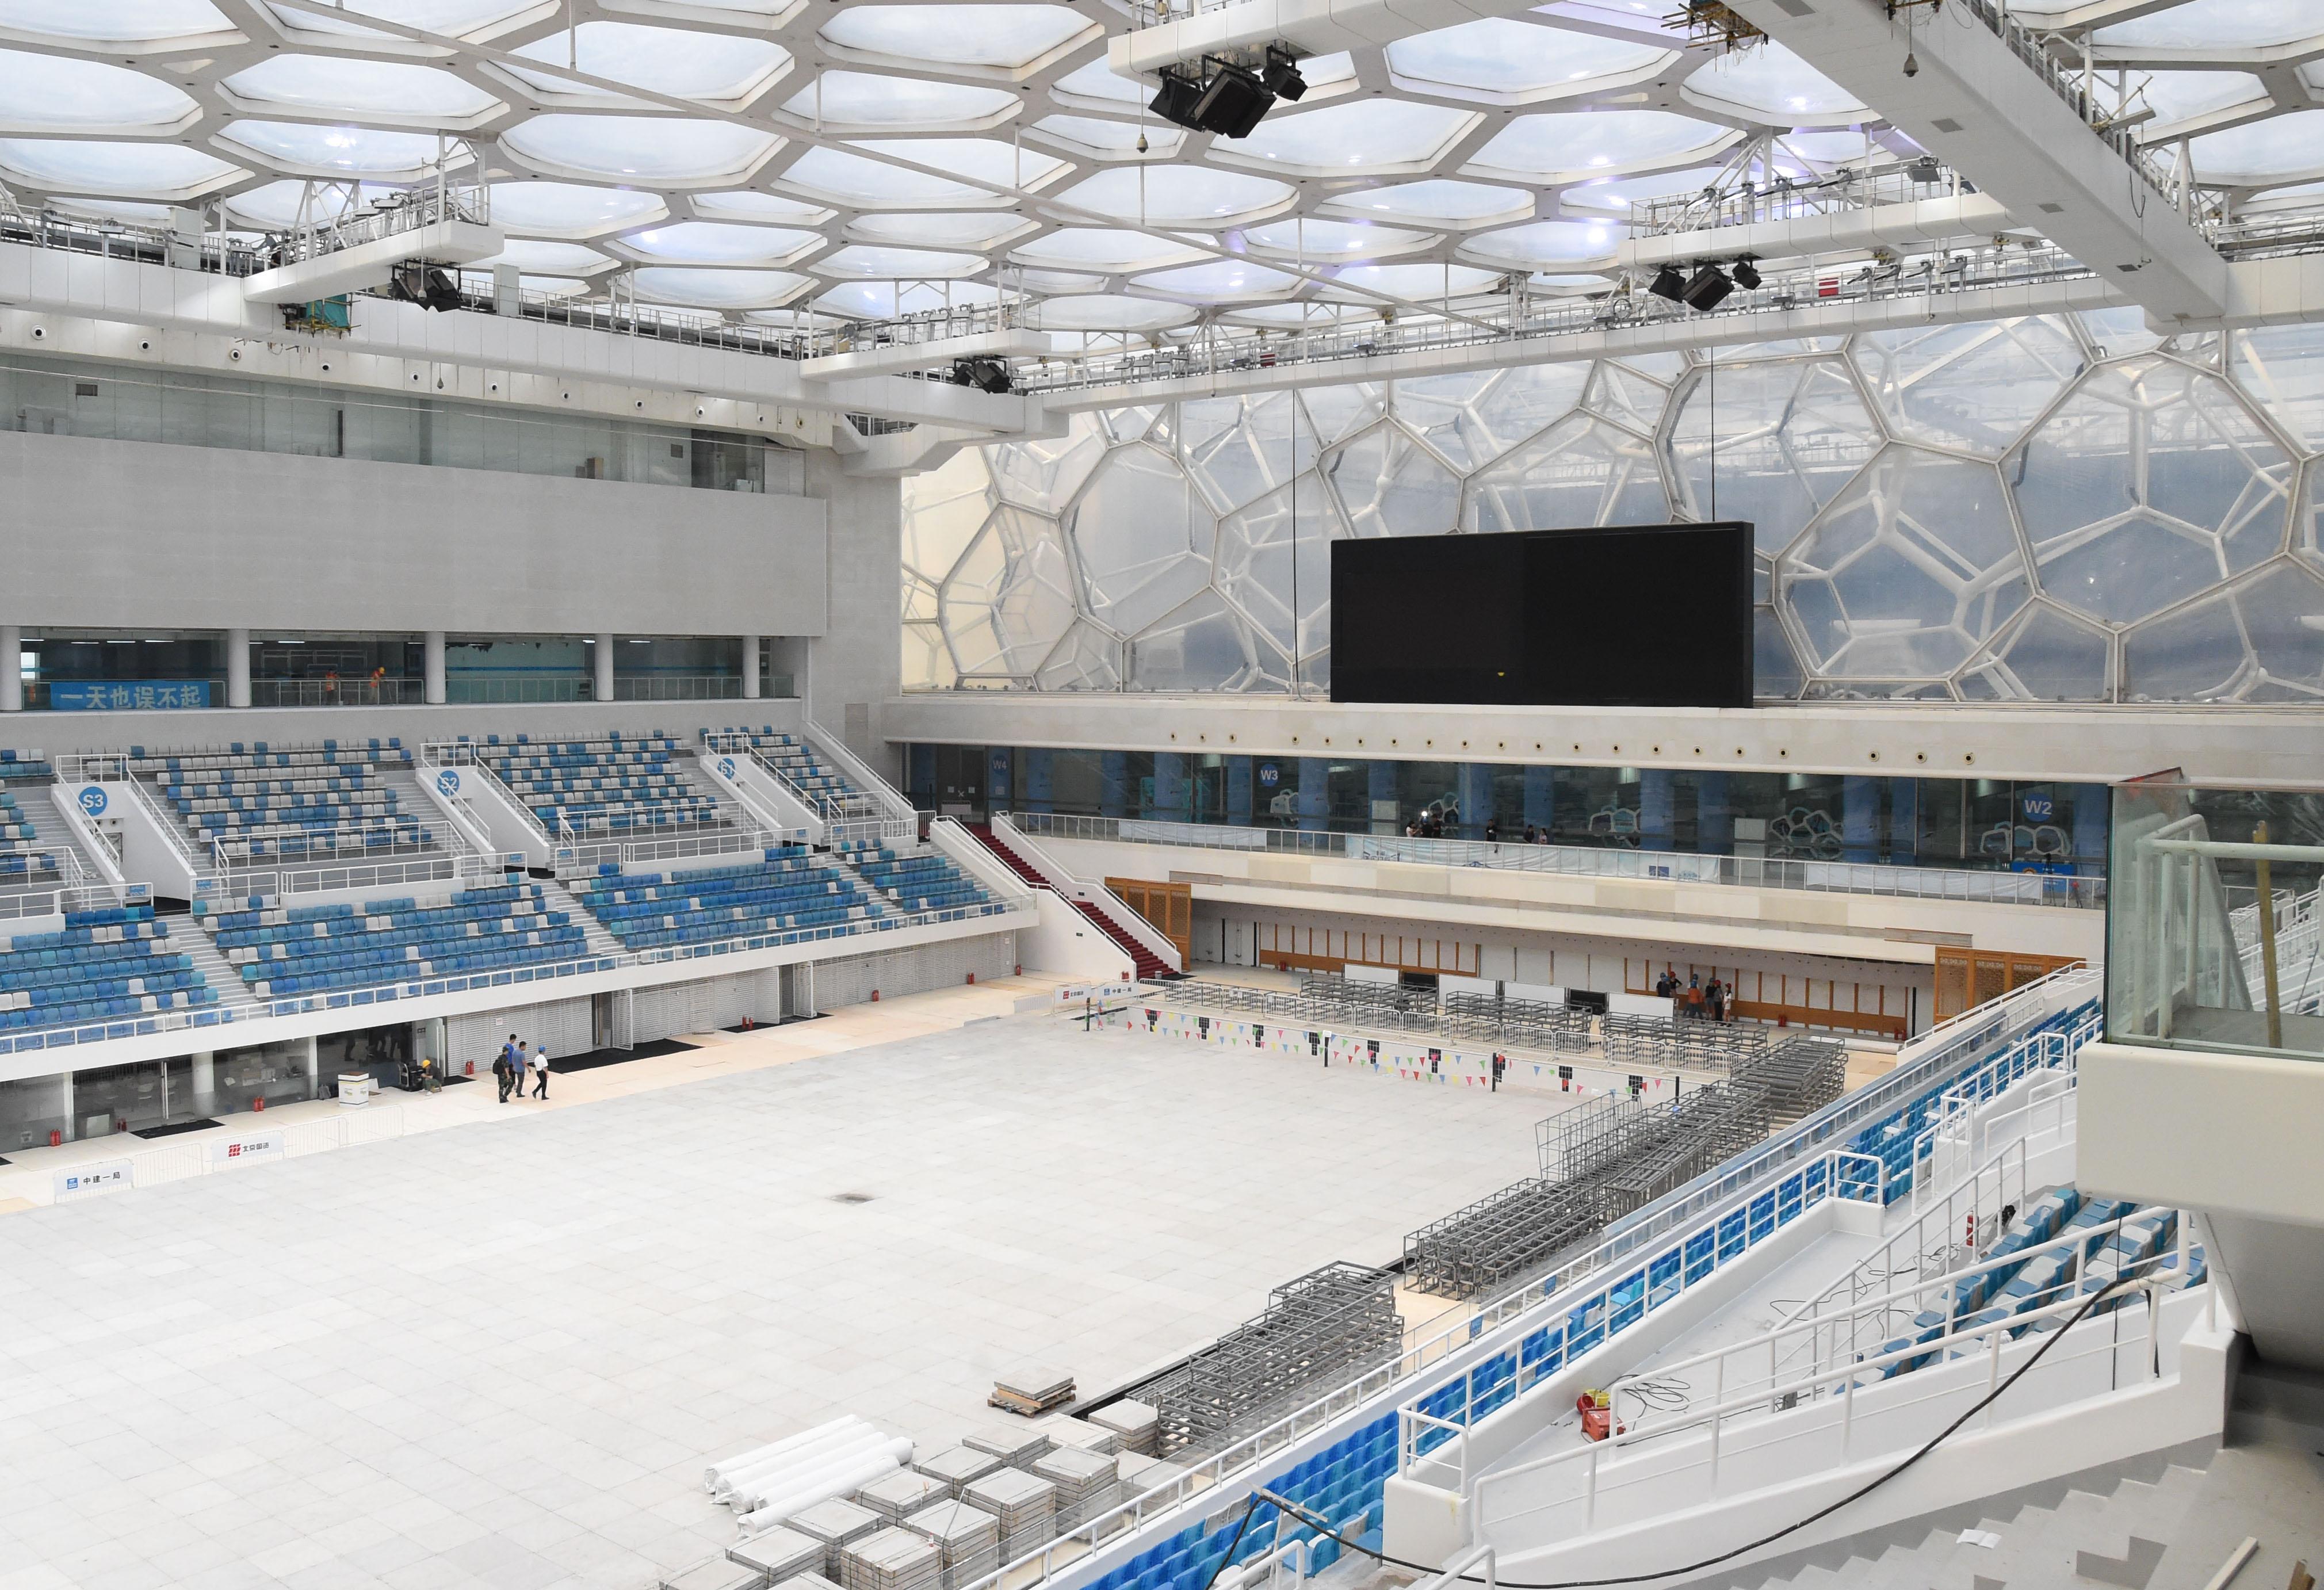 国家水泳センター、プールからスケートリンクへの改造工事が完了